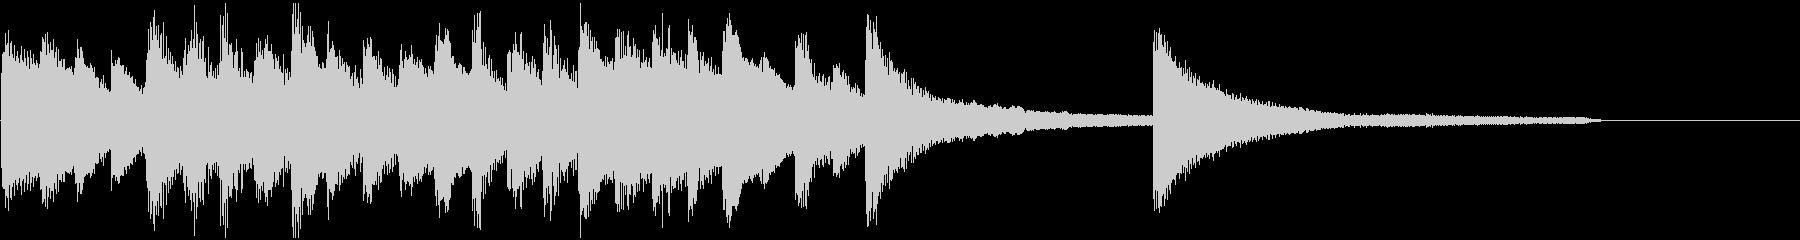 重厚なピアノソロジングルの未再生の波形